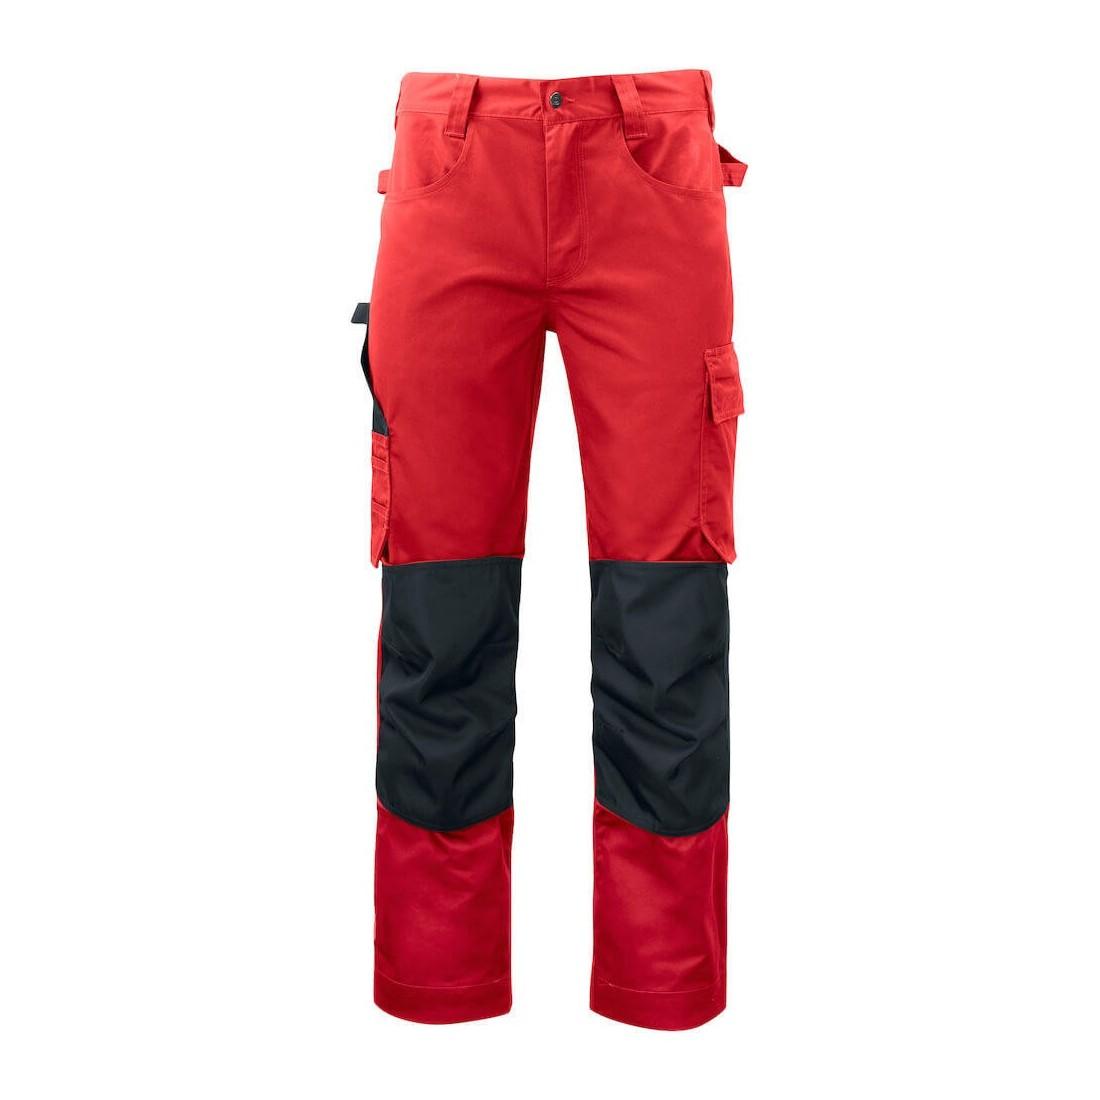 Pantalón multibolsillos combinado varios colores